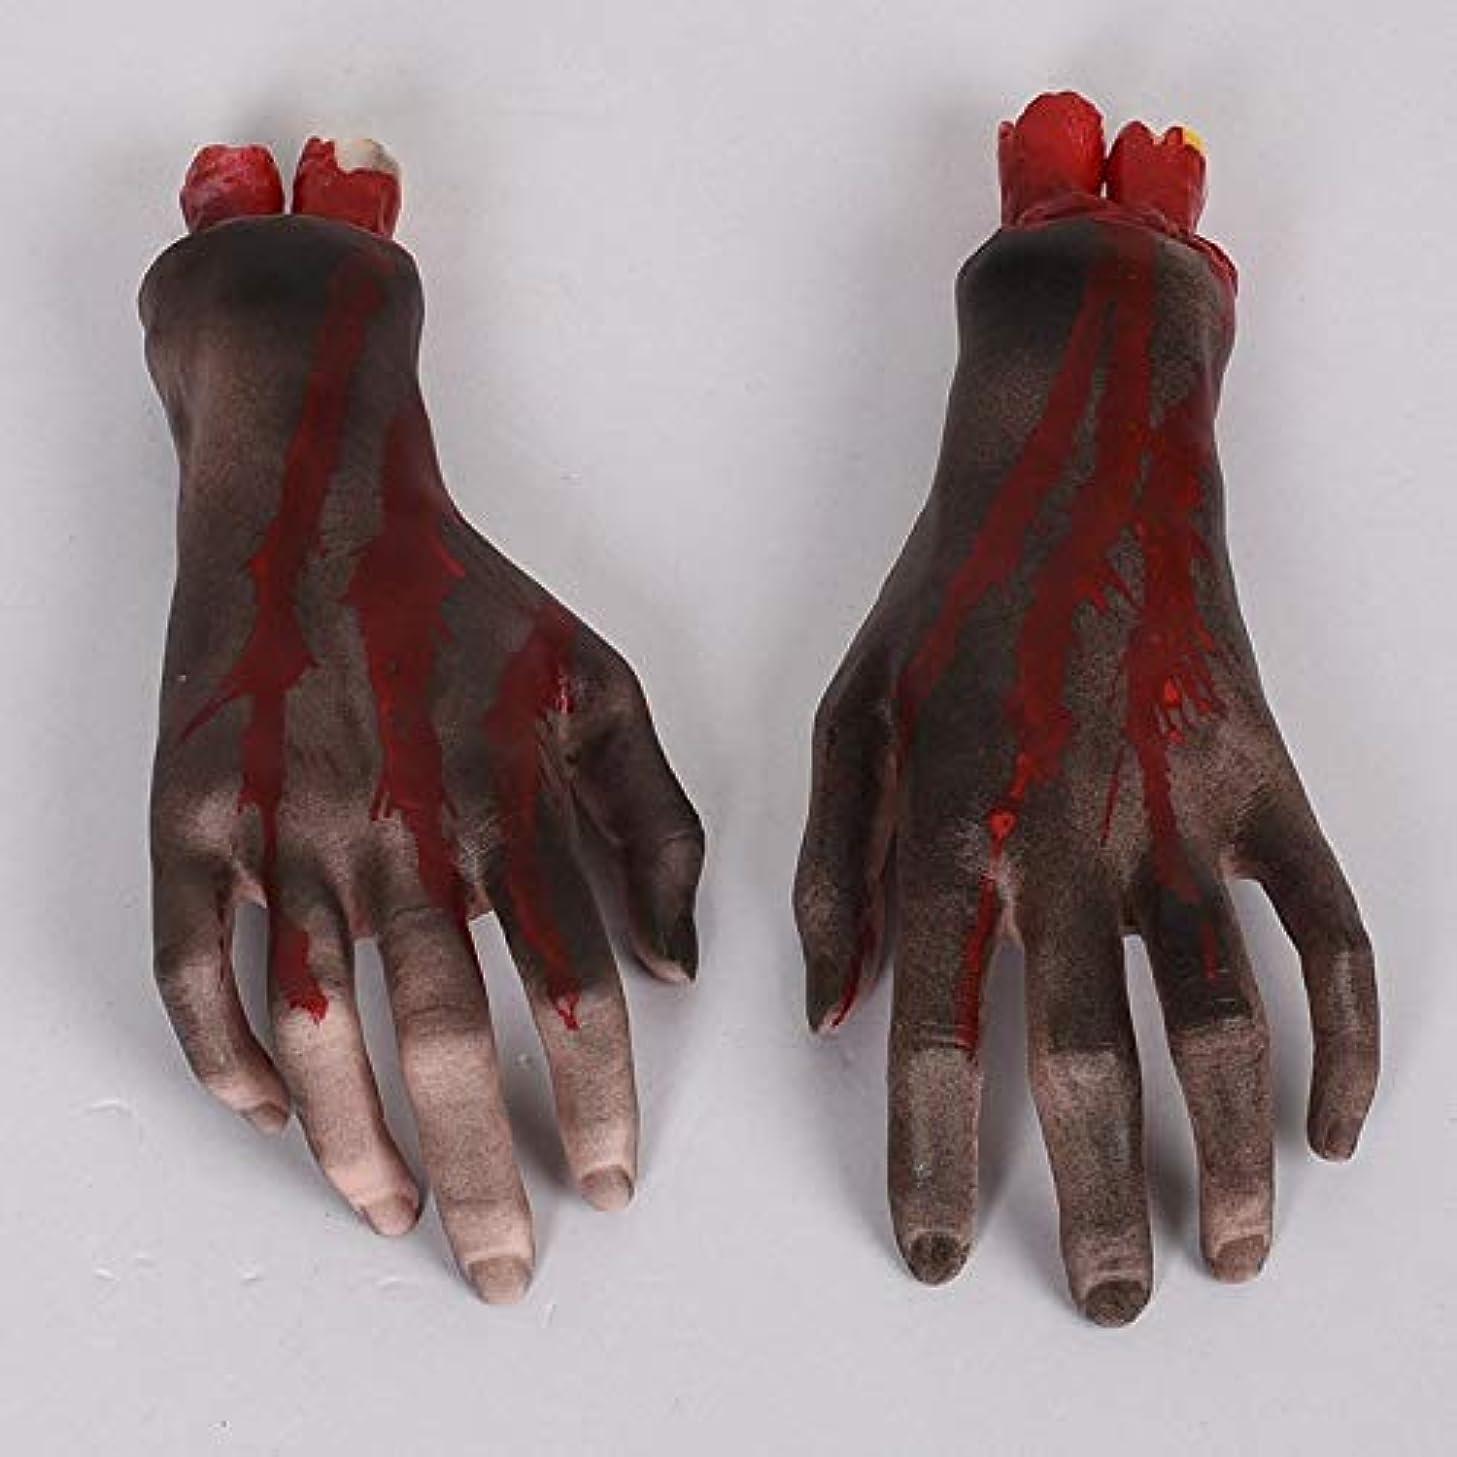 バンガローサージ絶縁するETRRUU HOME ハロウィーンの小道具お化け屋敷バー装飾全体のおもちゃのパロディーホラーシミュレーション義足壊れた手壊れた足 (Size : A)